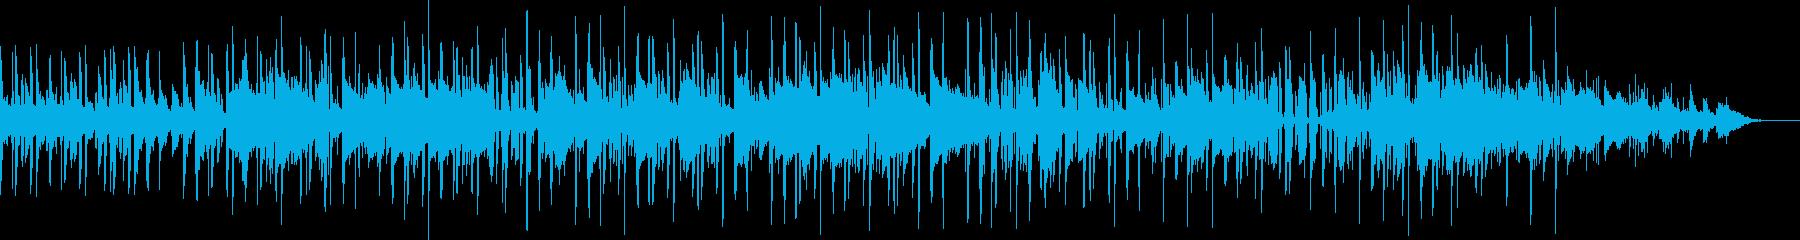 フレンチポップなchill&lofiの再生済みの波形